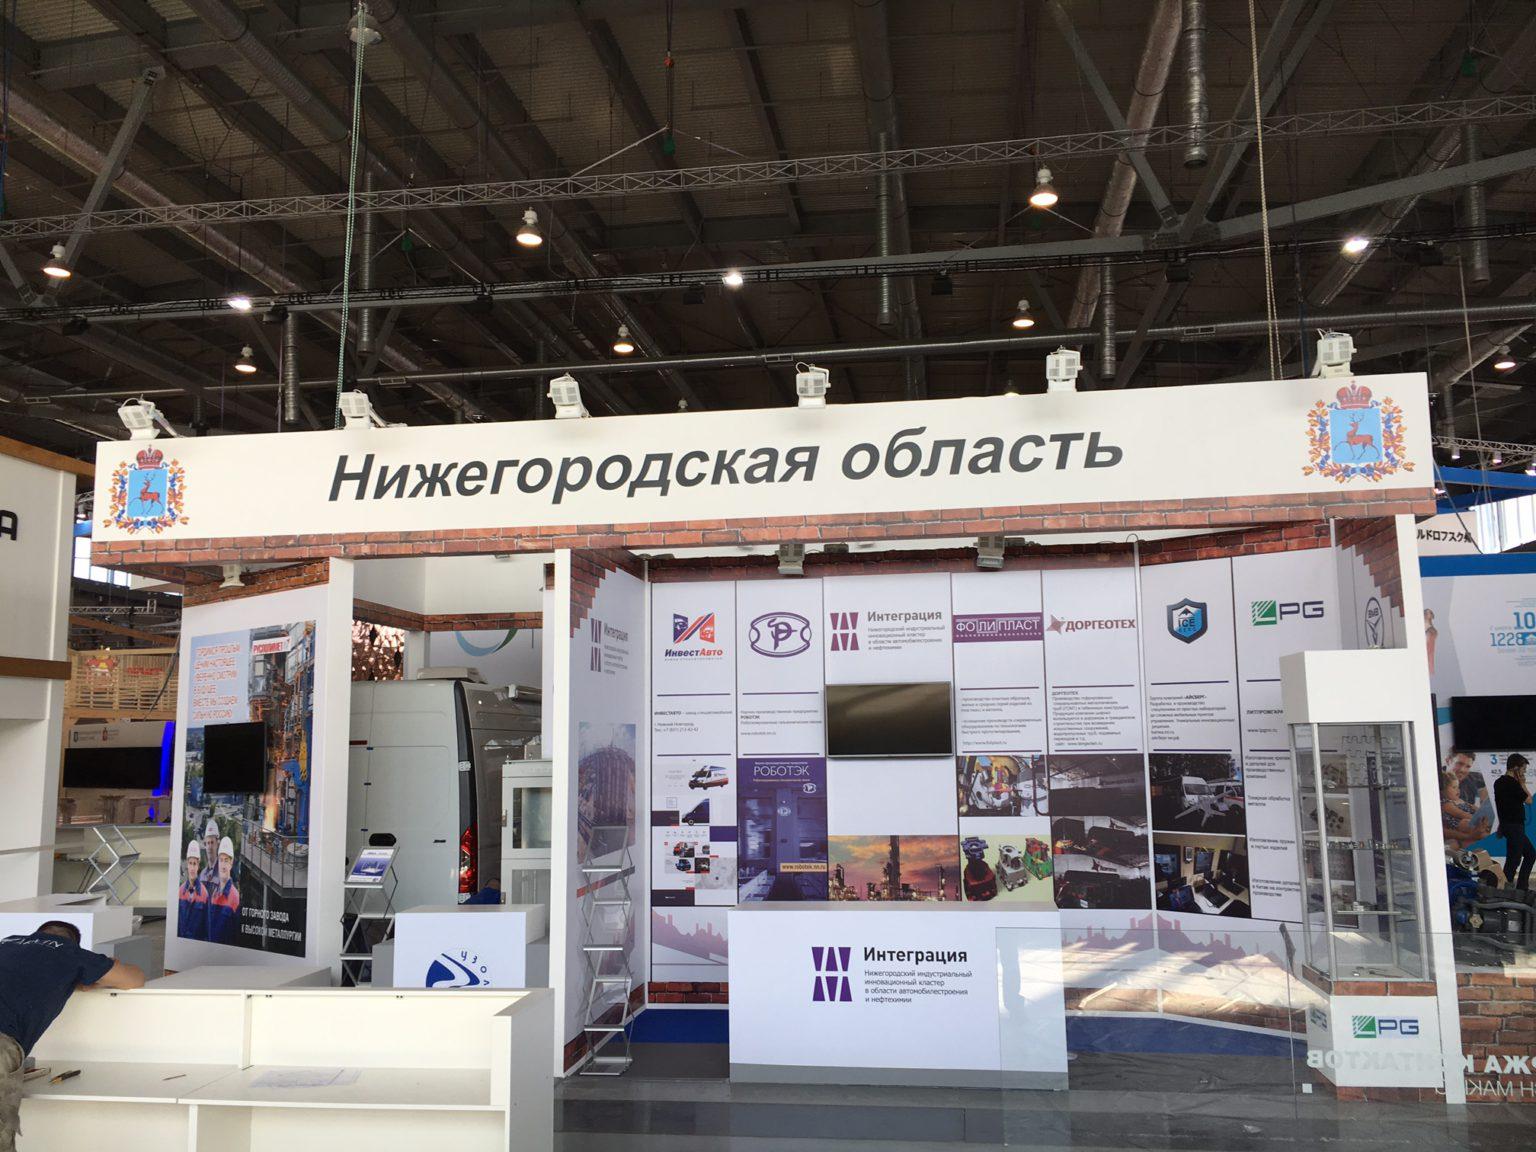 Министерство промышленности и торговли Нижегородской области